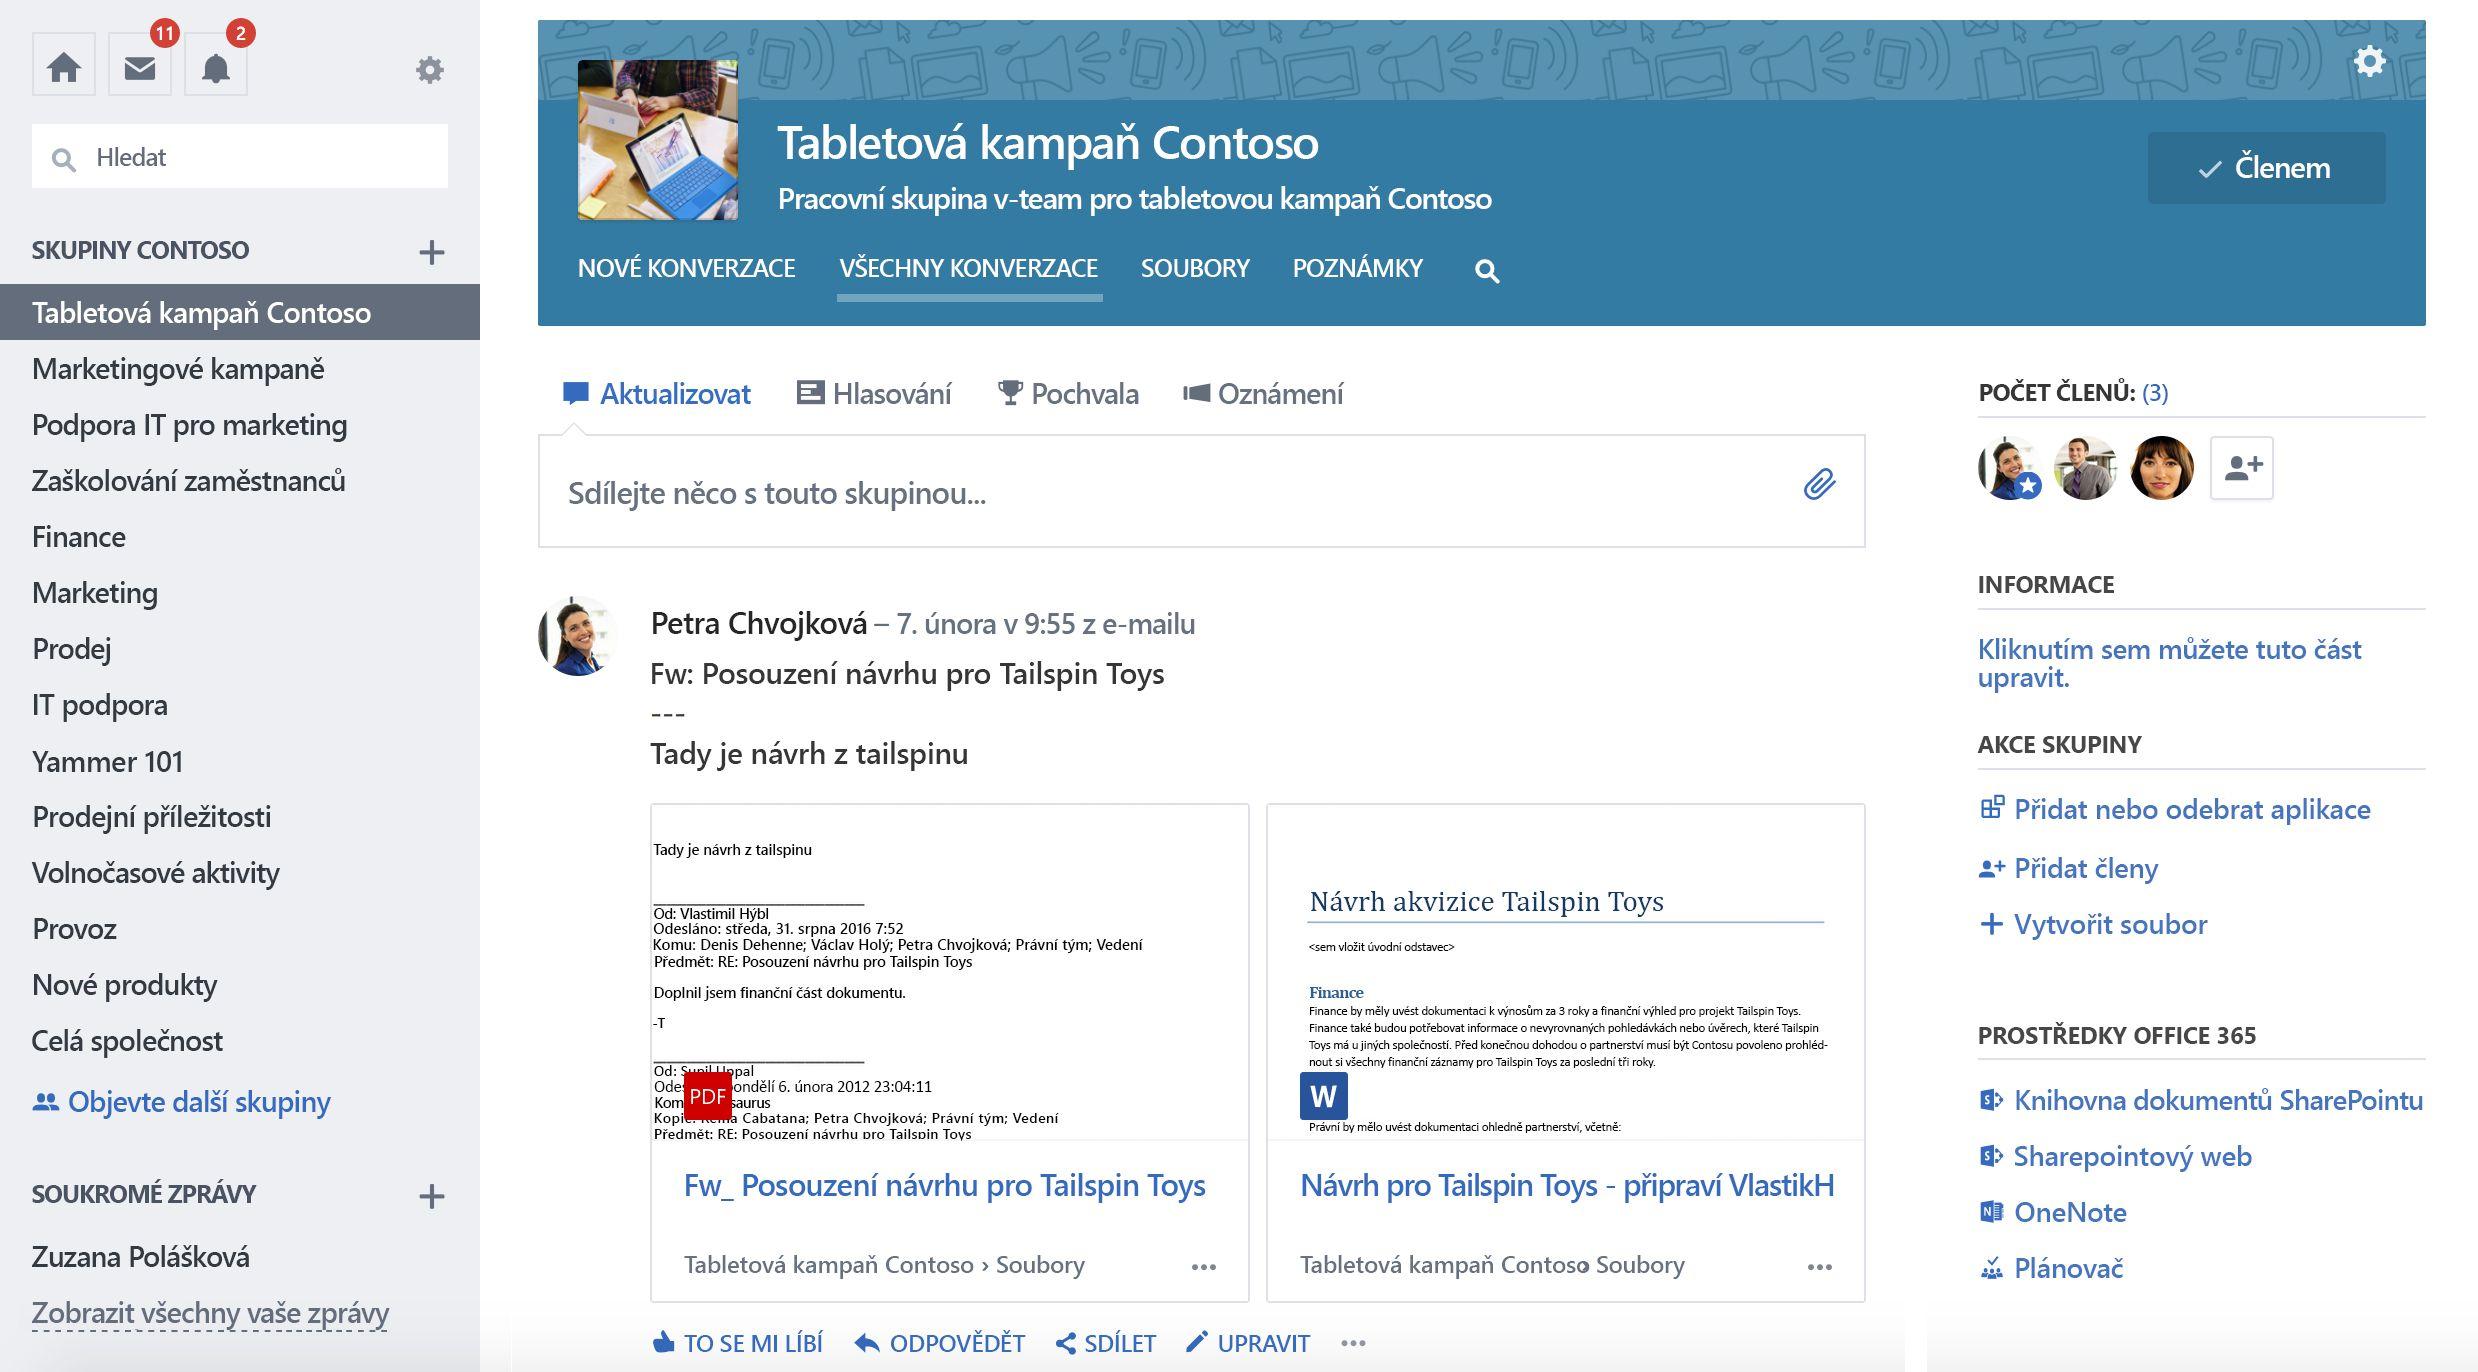 Snímek obrazovky s Office 365 připojené konverzace skupiny Yammeru